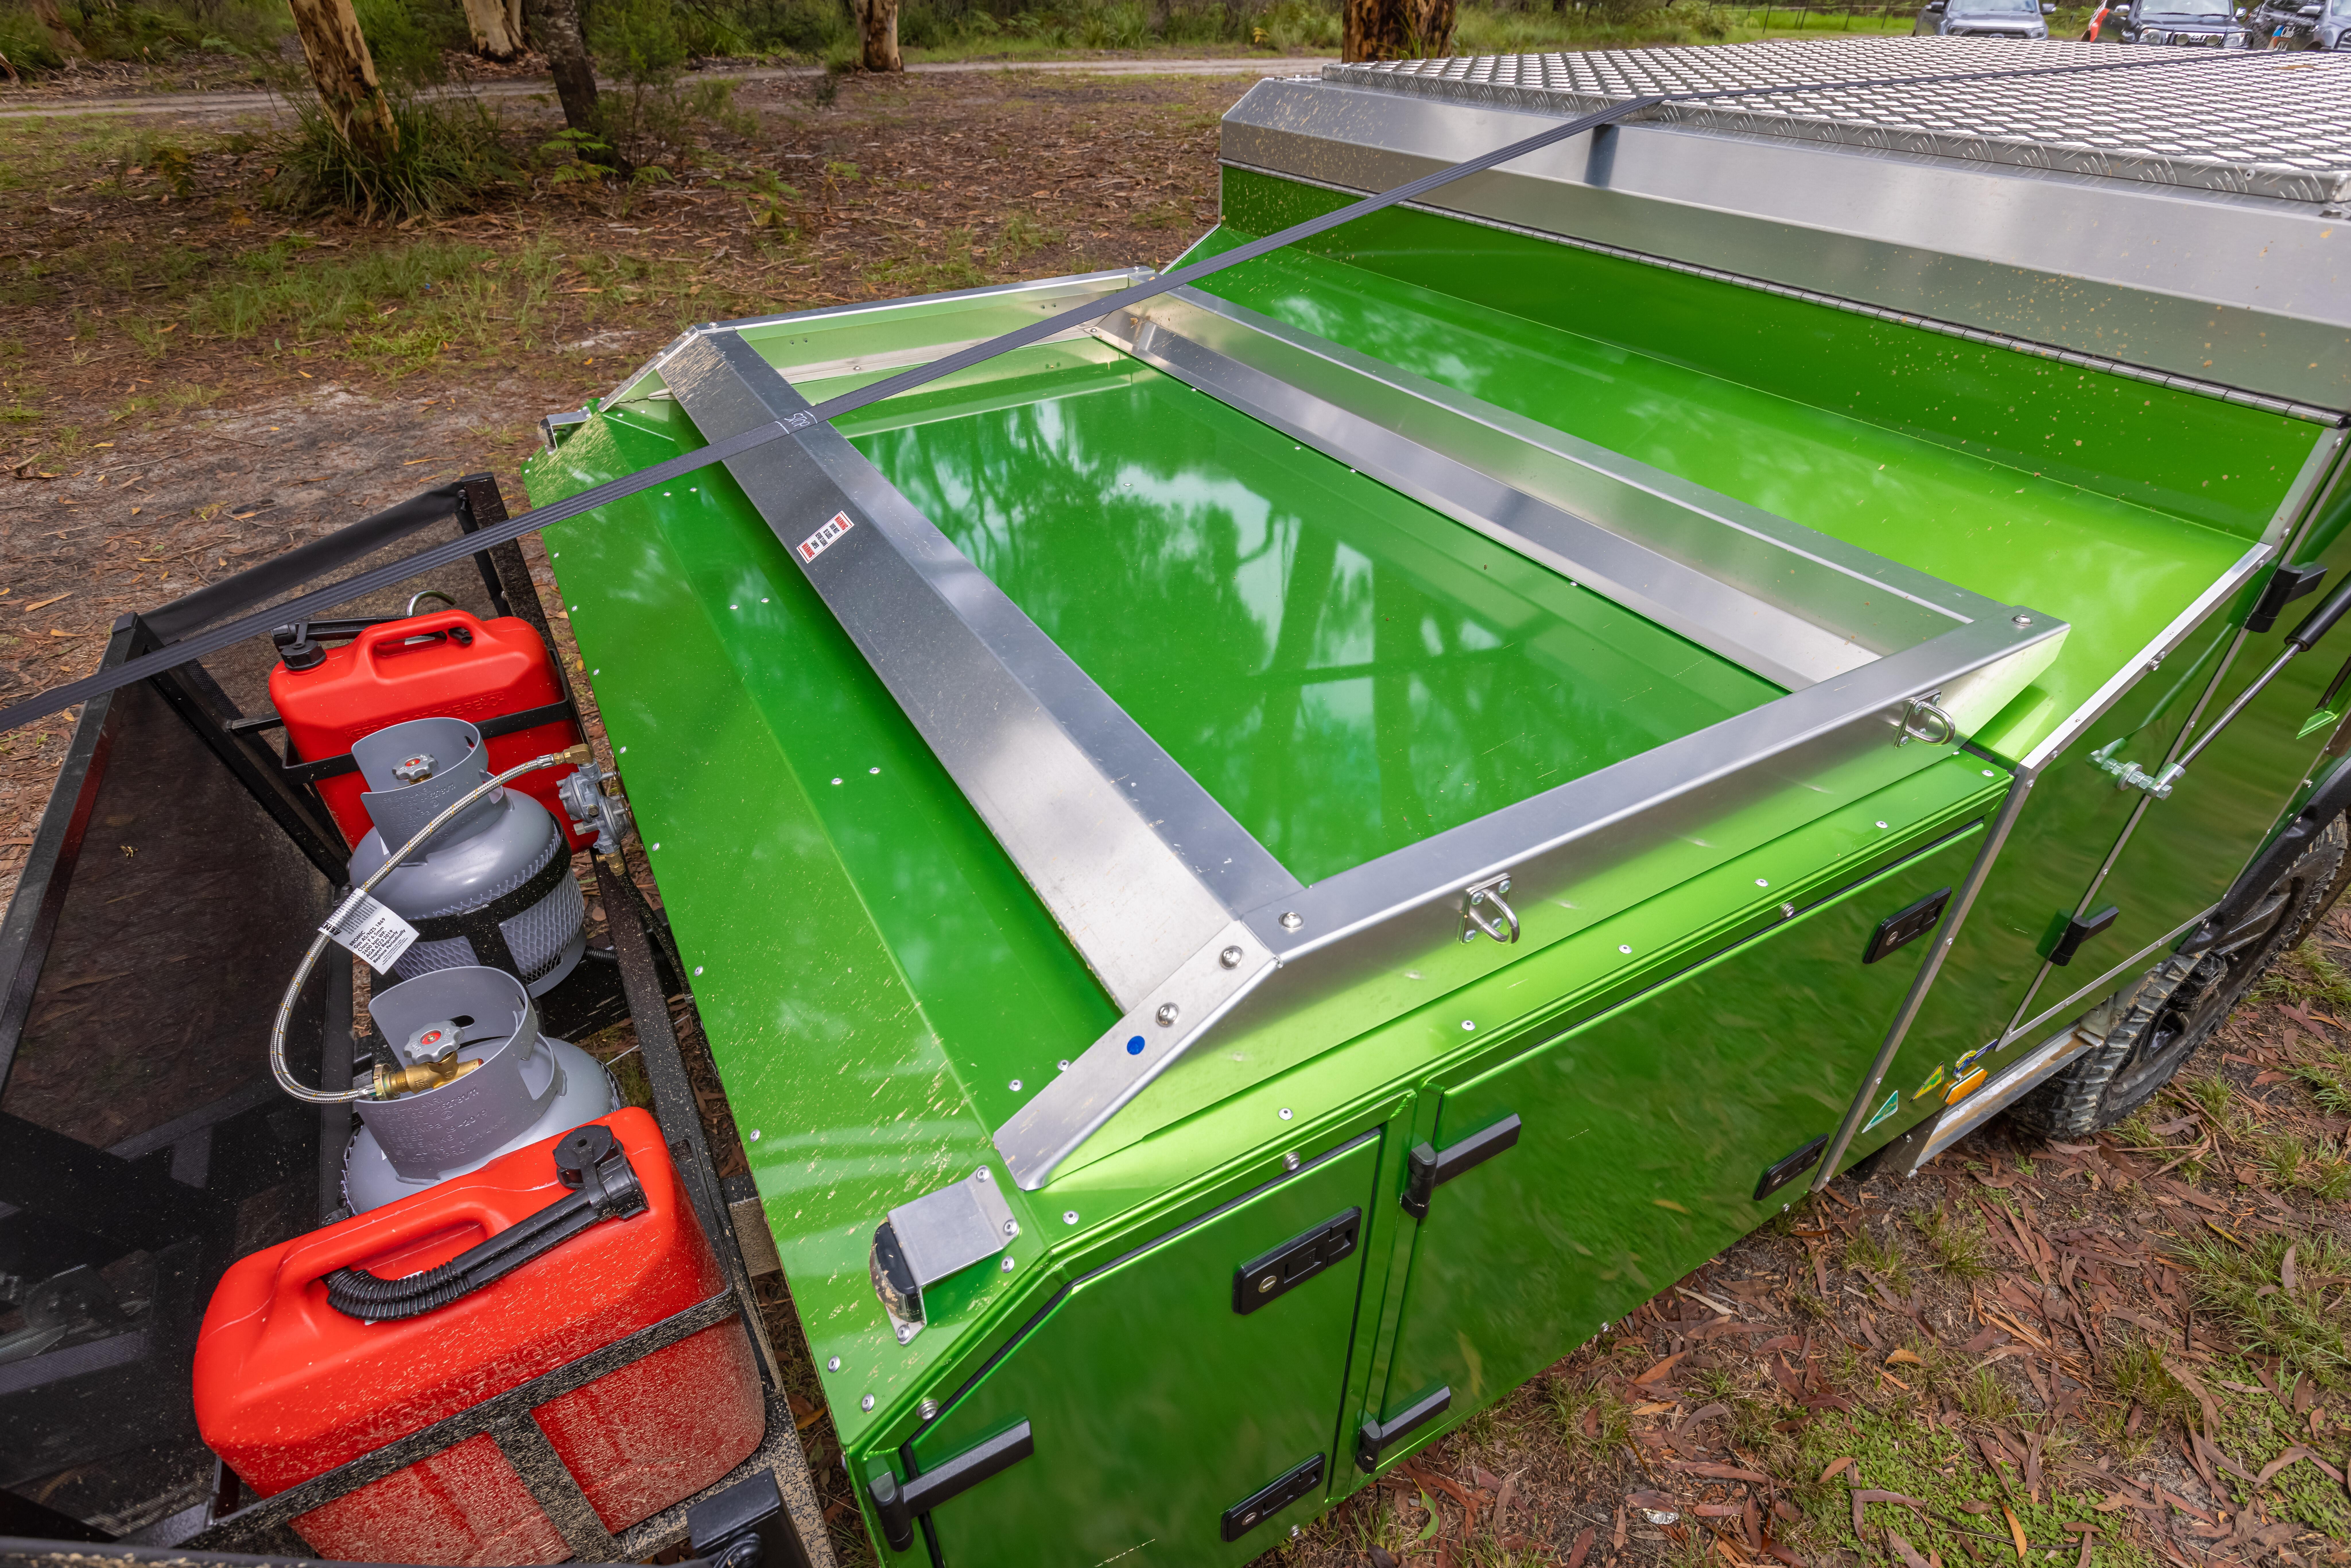 4 X 4 Australia Gear Cub Drifter 5